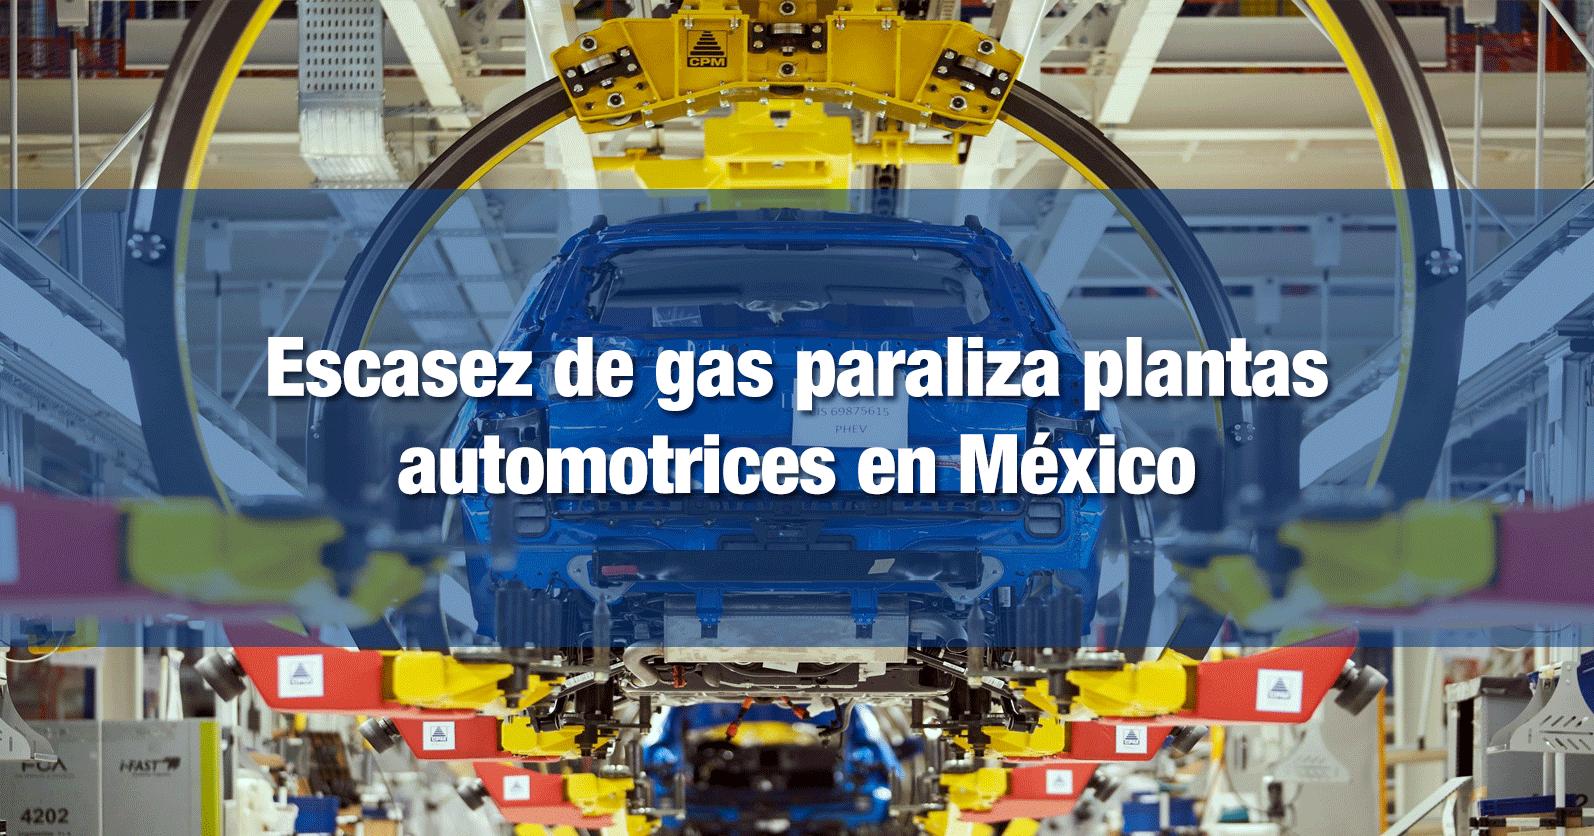 Escasez de gas paraliza plantas automotrices en México